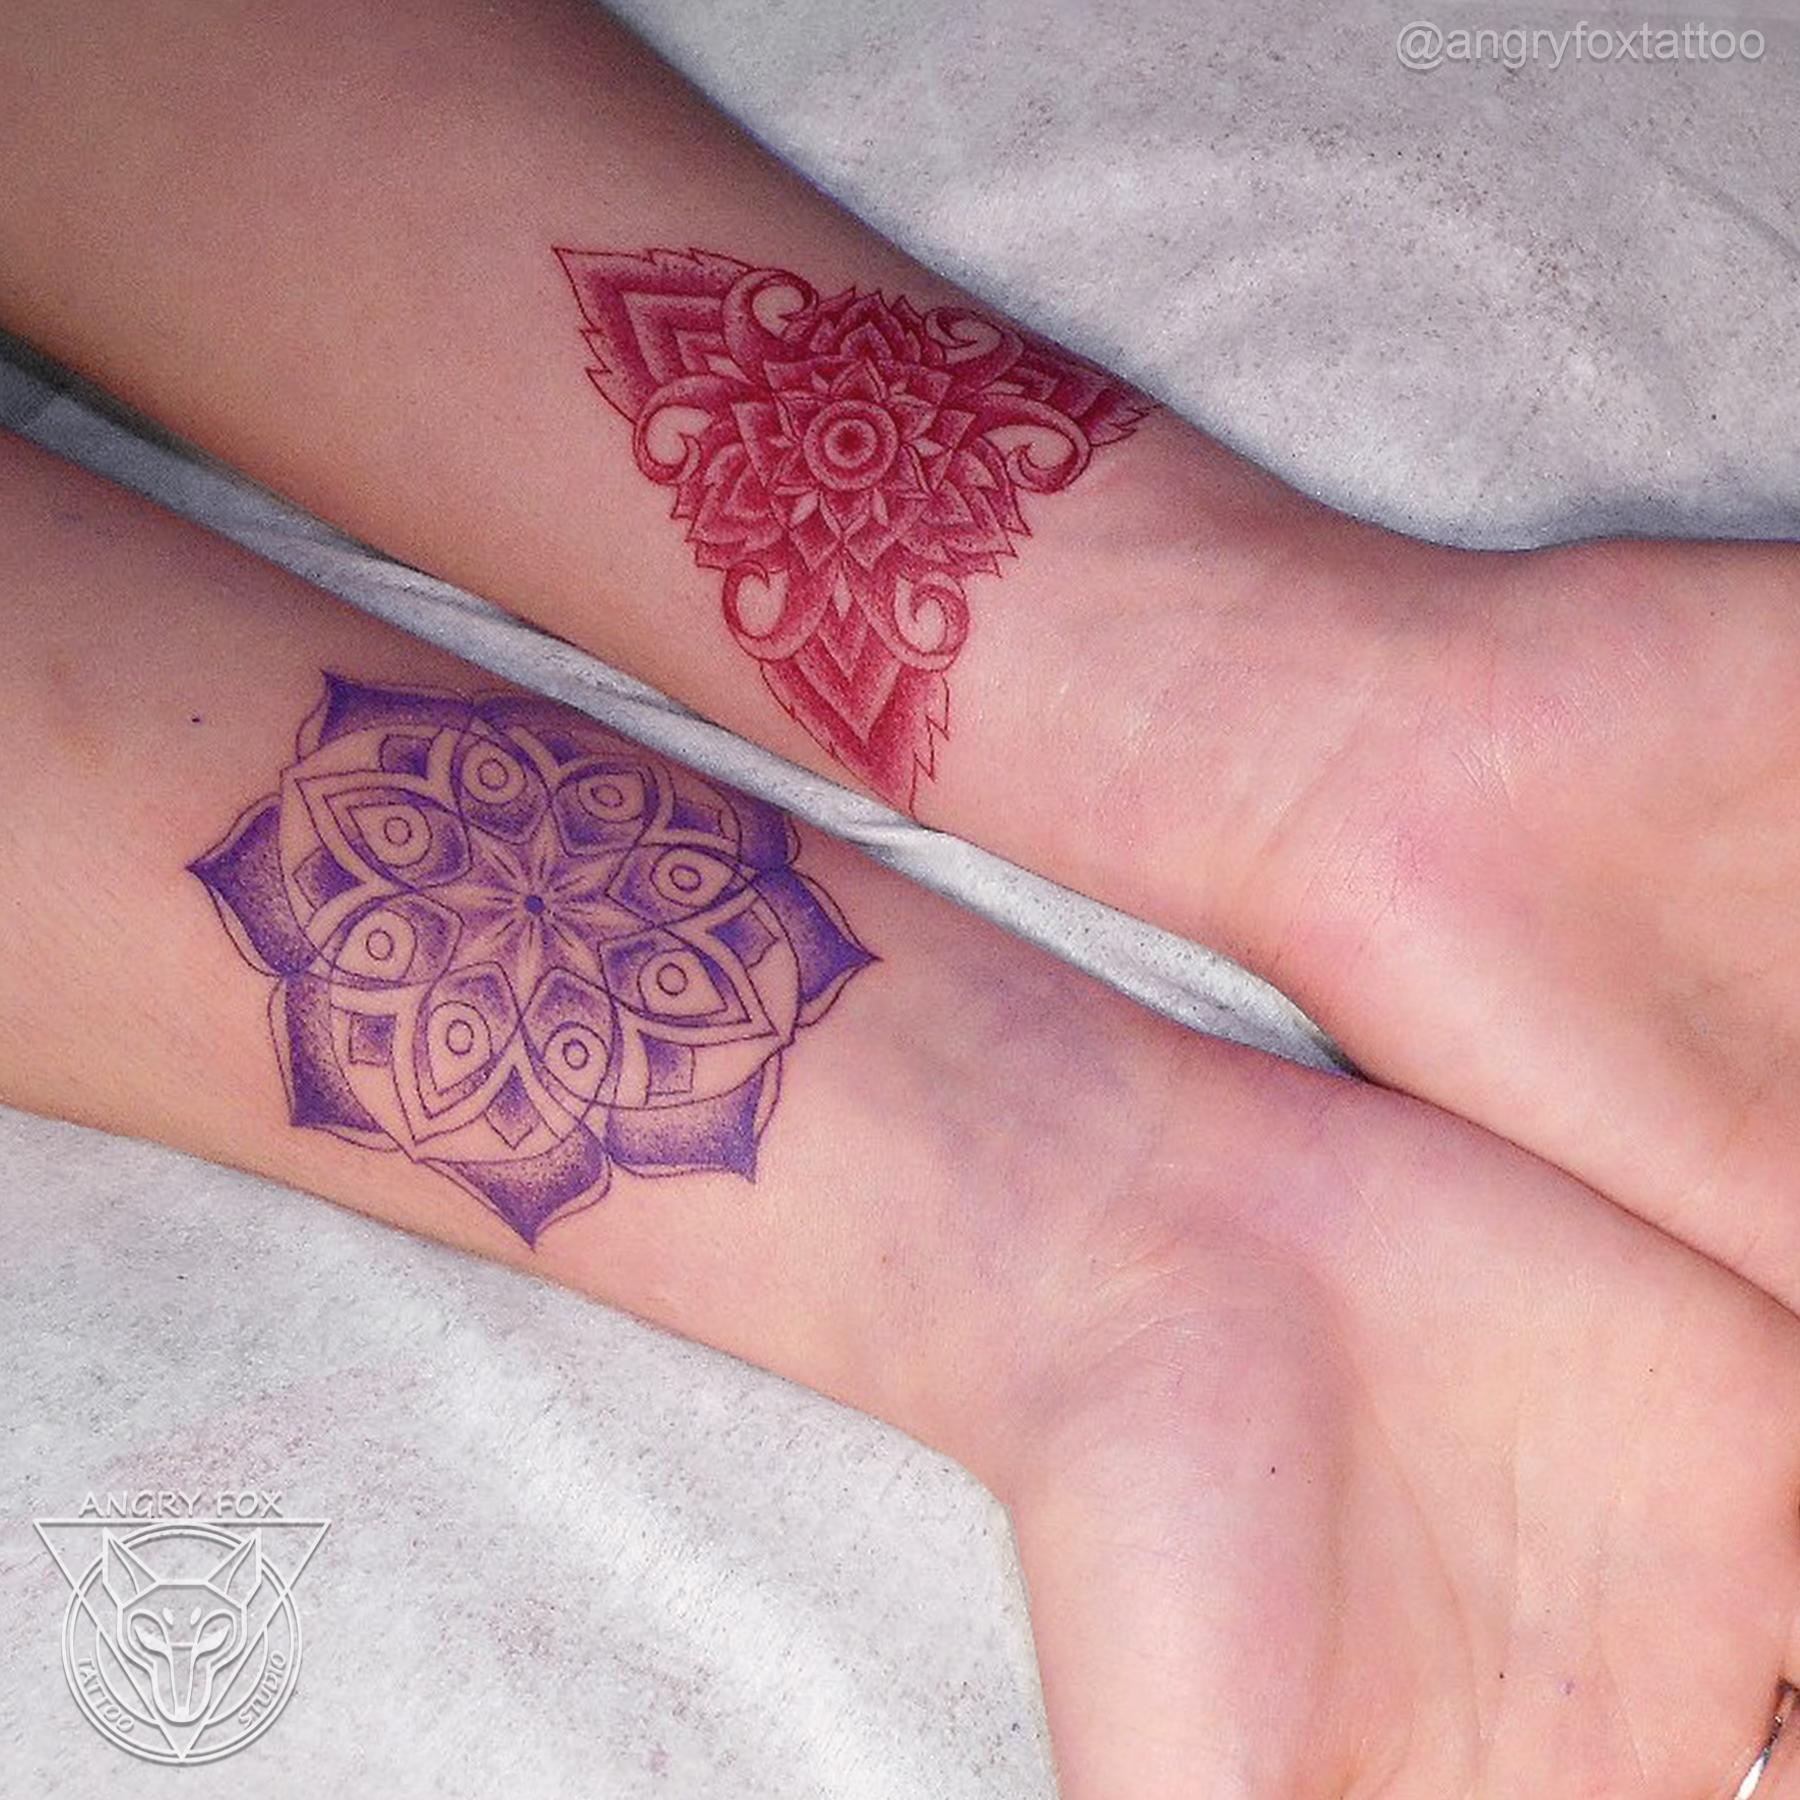 татуировка, тату, графика, контур, орнамент, рука, предплечье, запястье, девушка